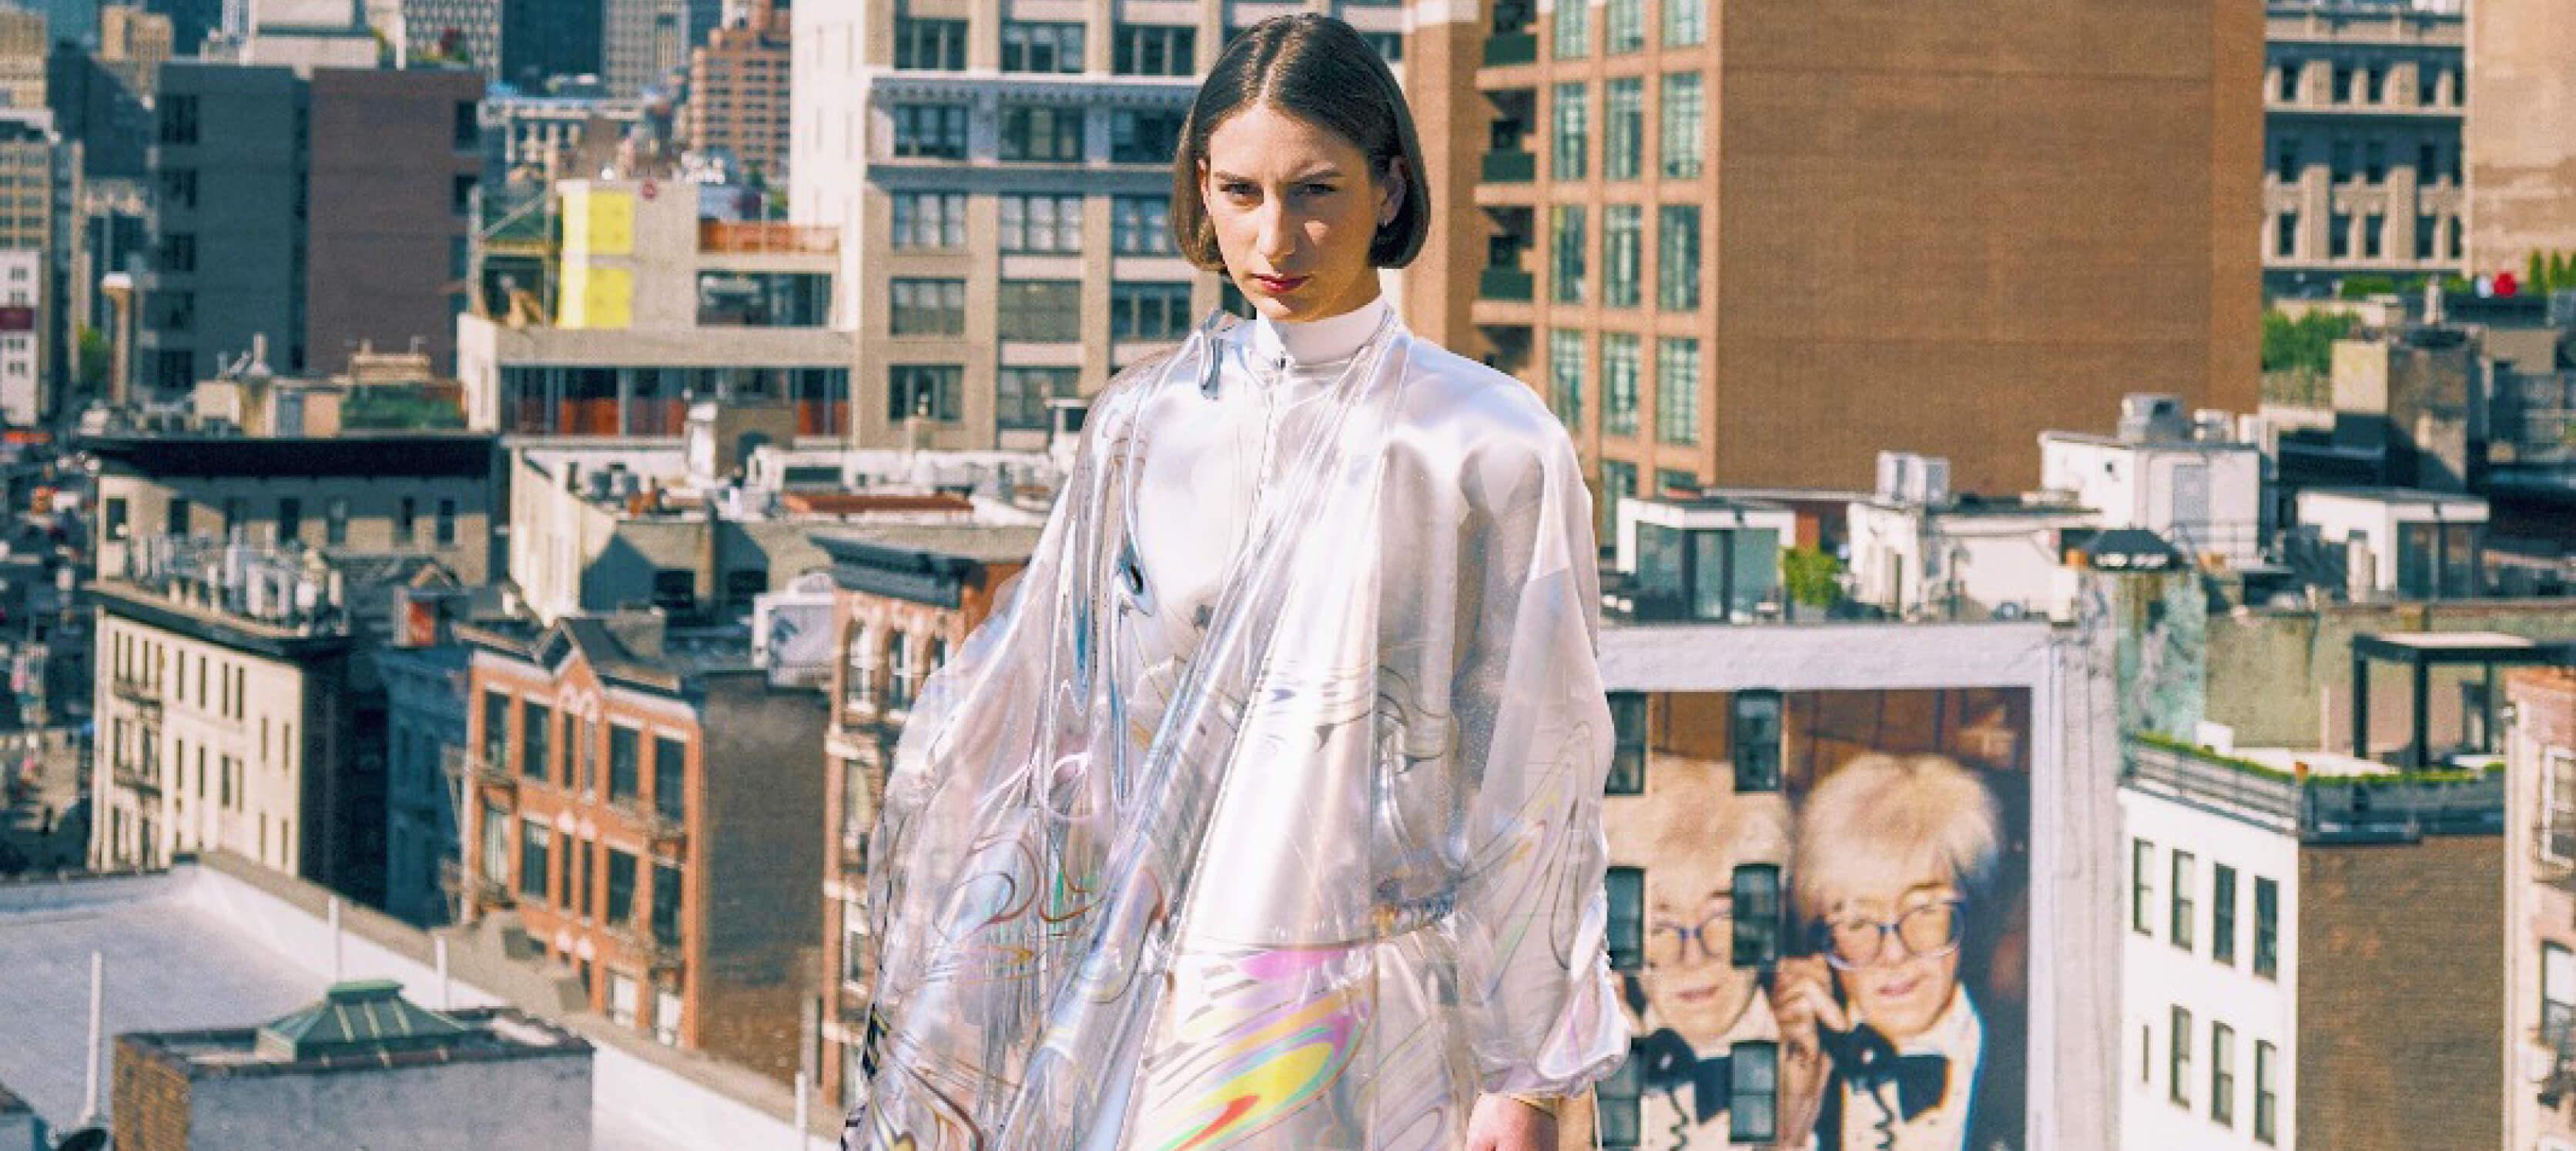 Digital Fashion House The Fabricant Treed op de Voorgrond van een Veranderende Mode-Industrie